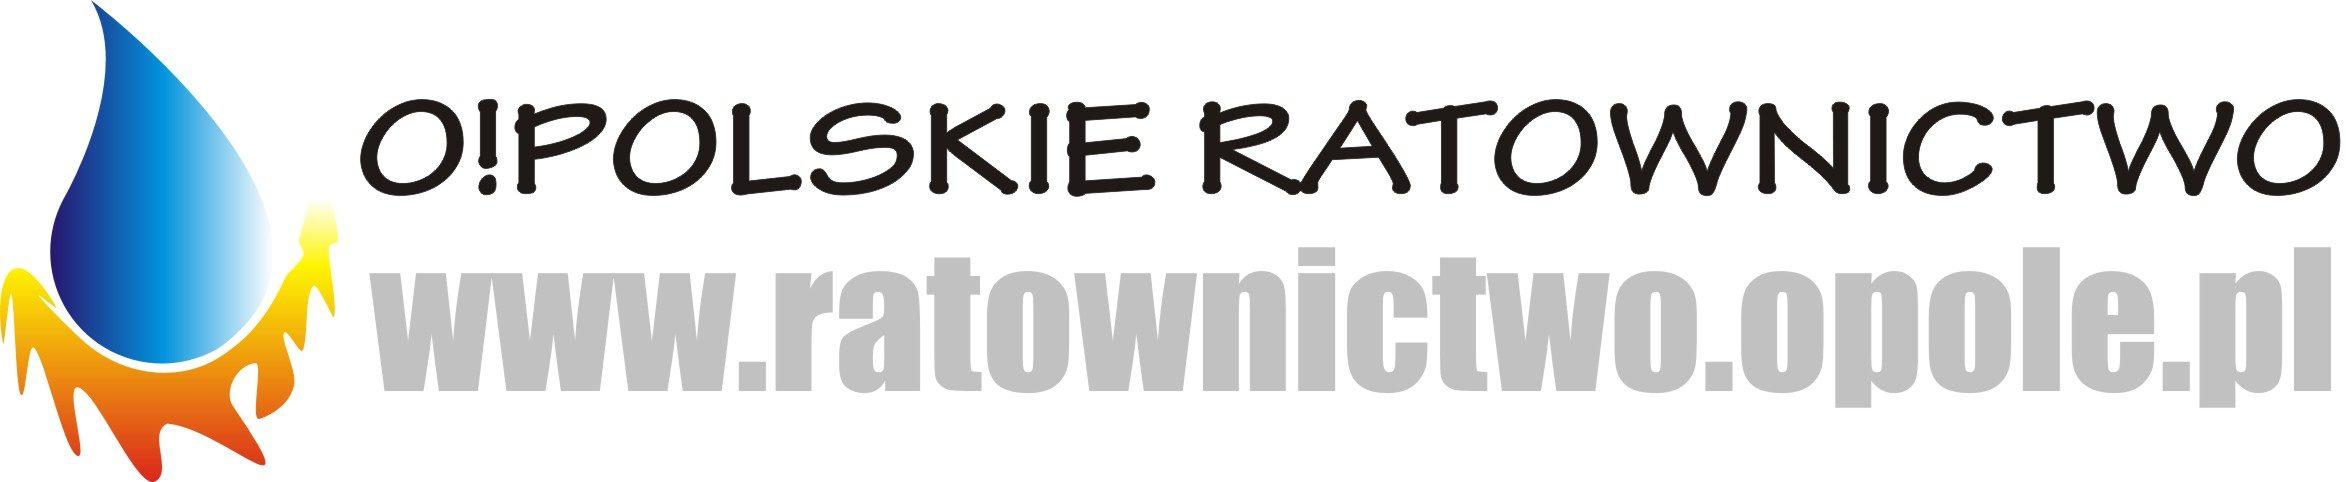 O!Polskie Ratownictwo – www.ratownictwo.opole.pl